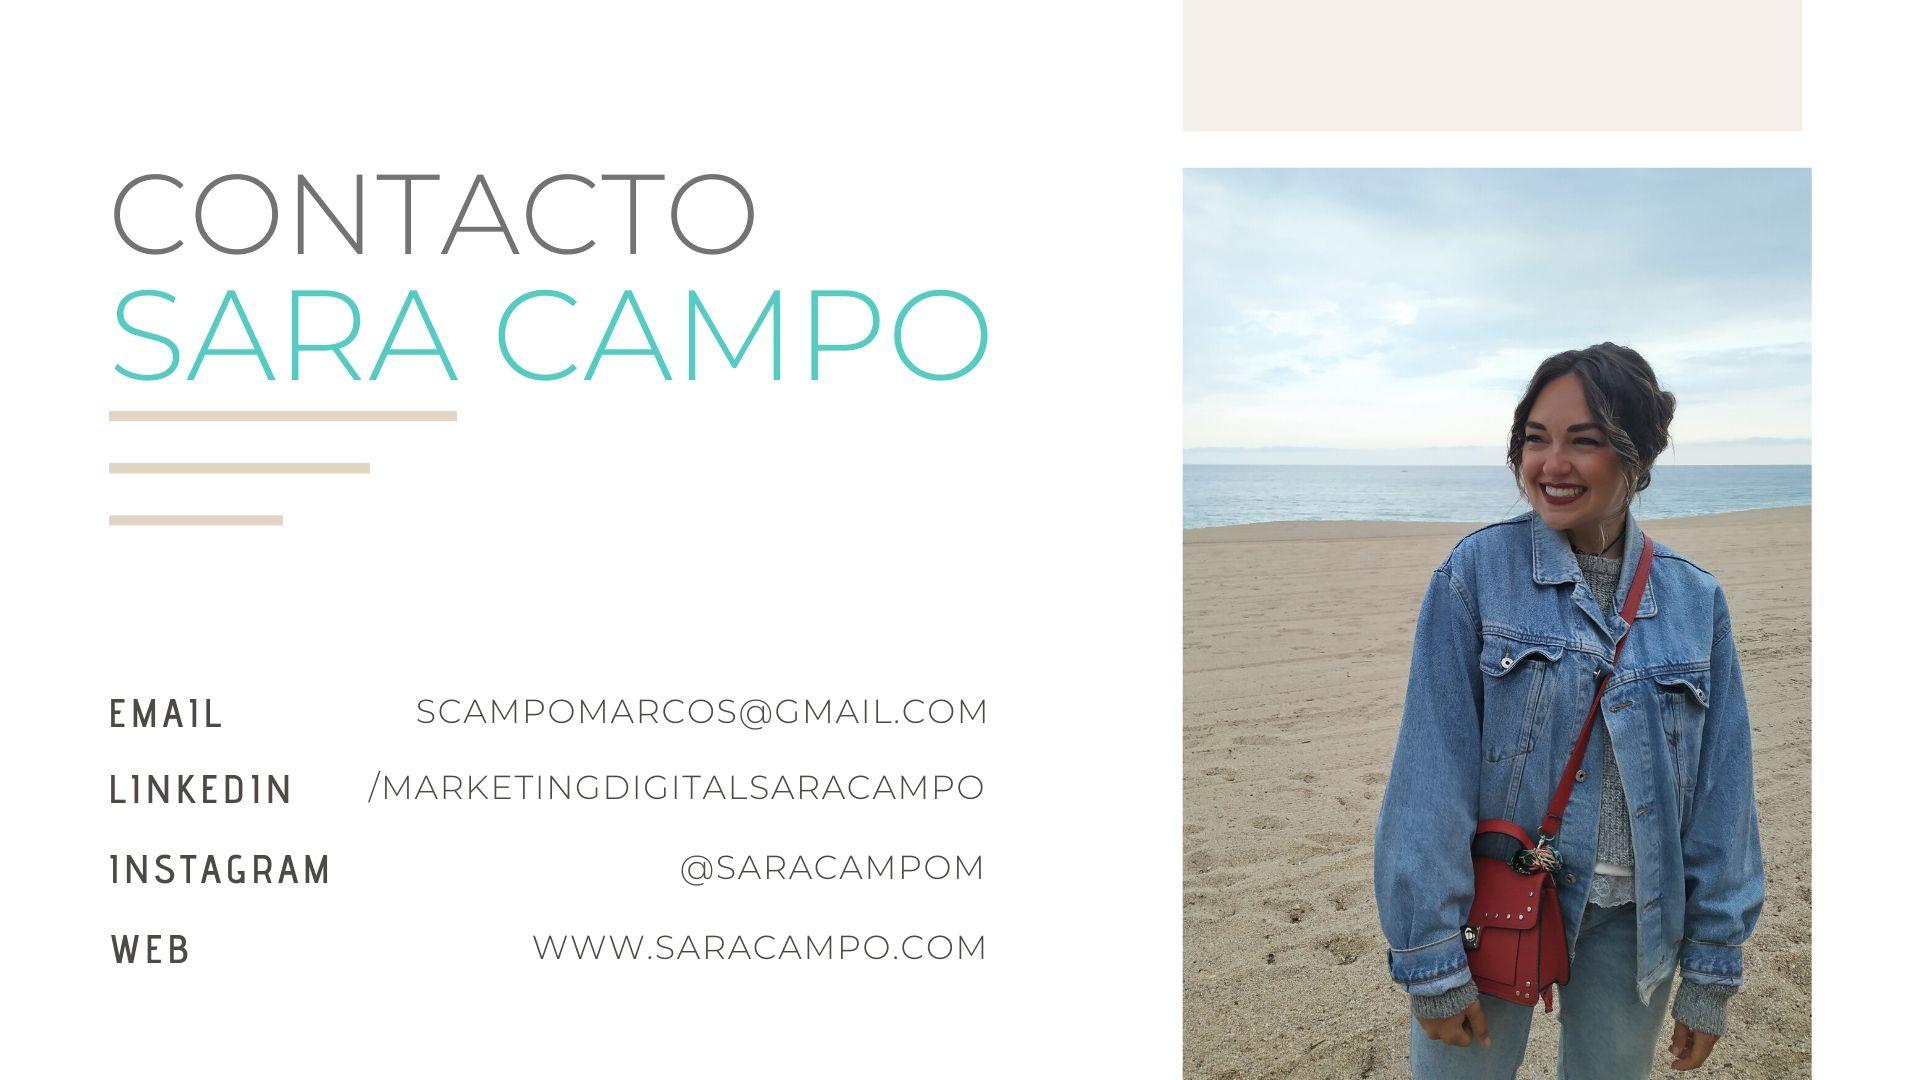 portfolio_Sara_campo_contacto